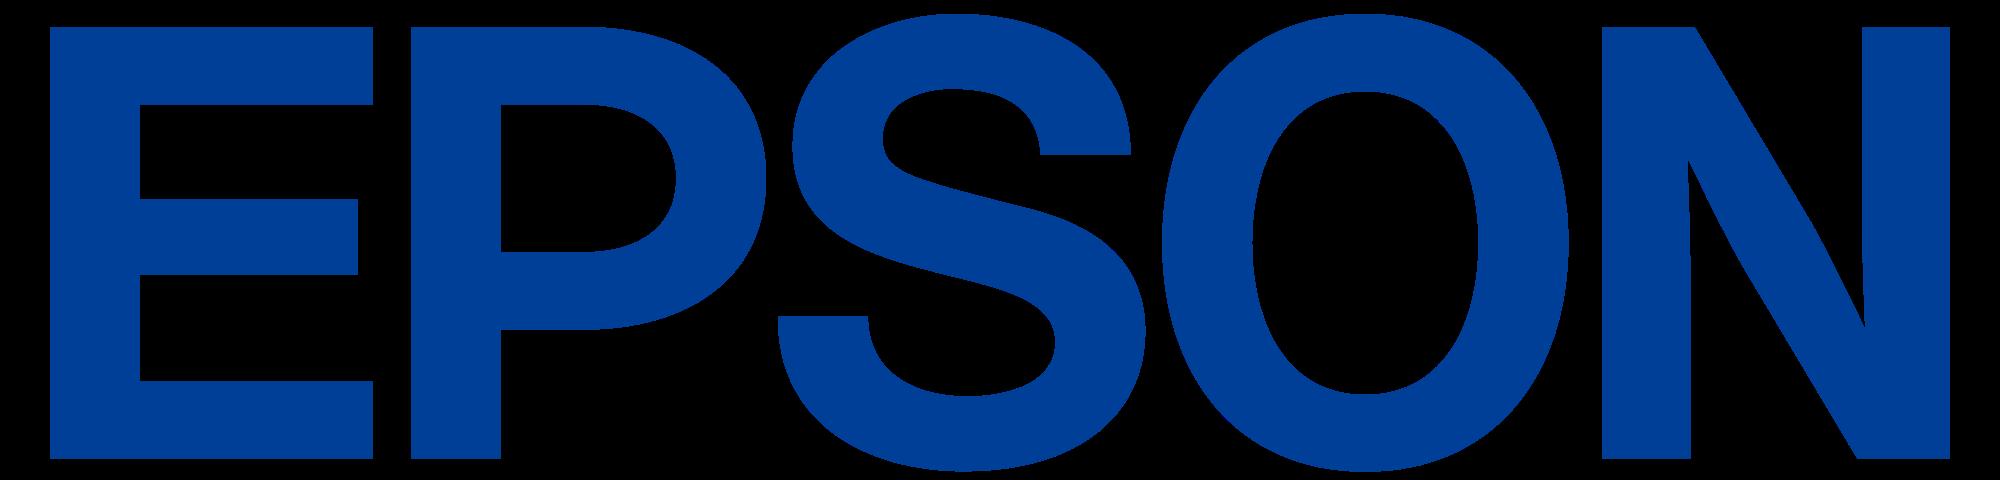 Comprar Epson Online